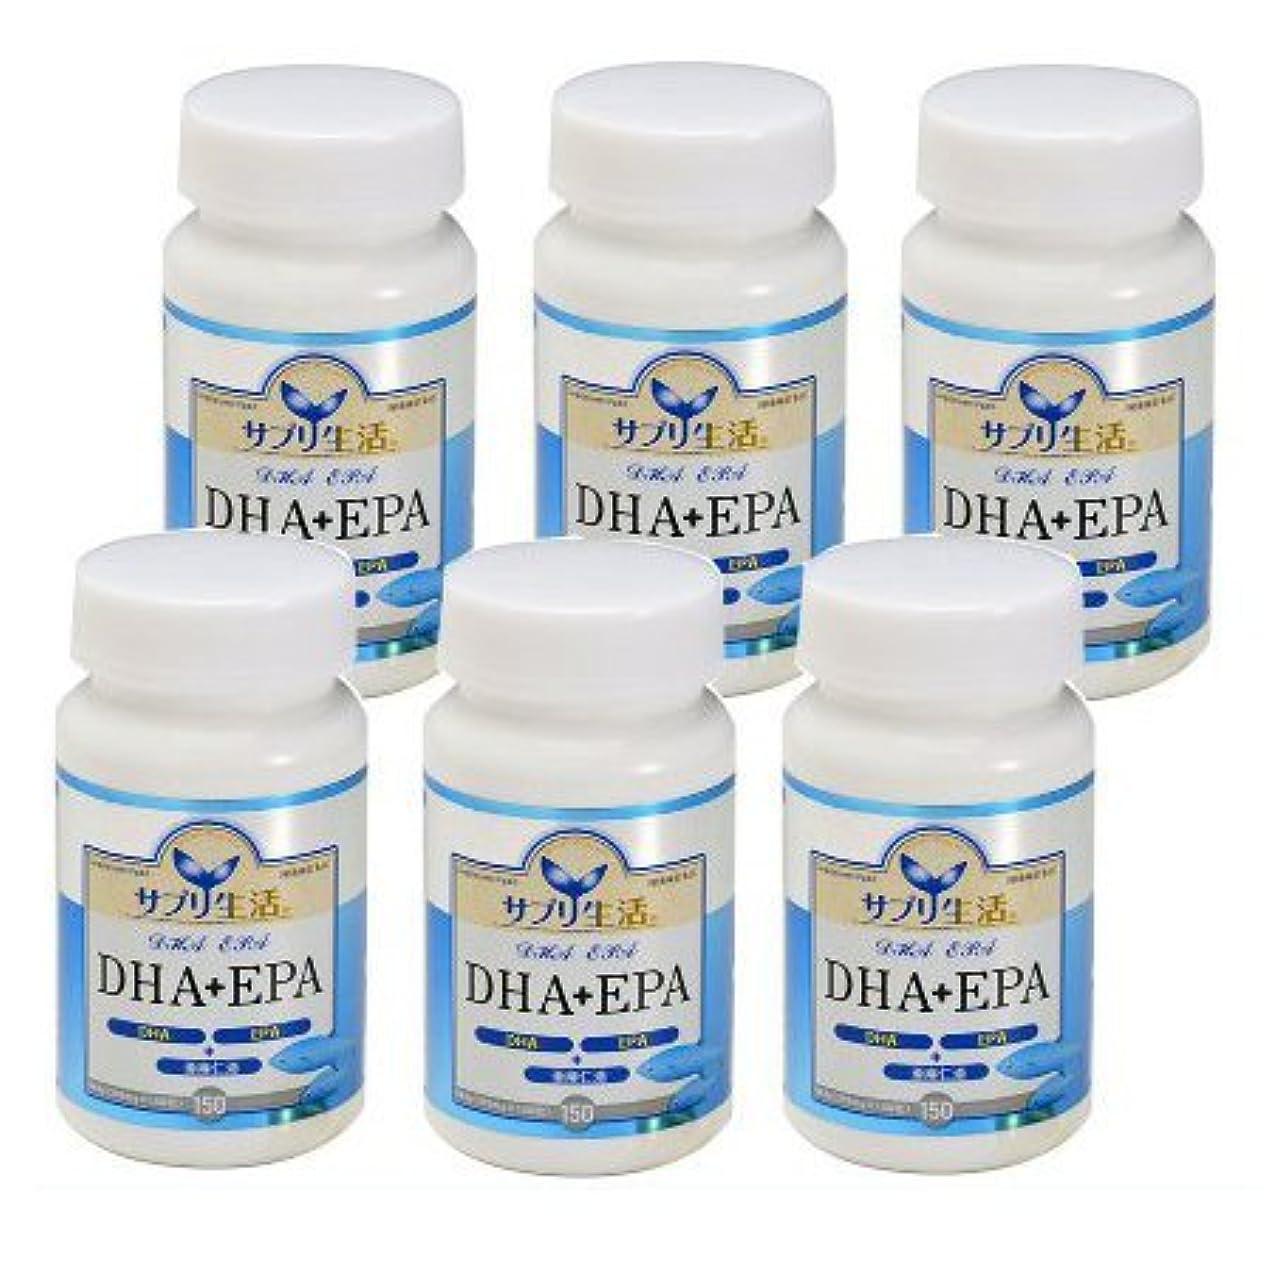 狭い病女優サプリ生活 DHA+EPA 150粒 6個セット